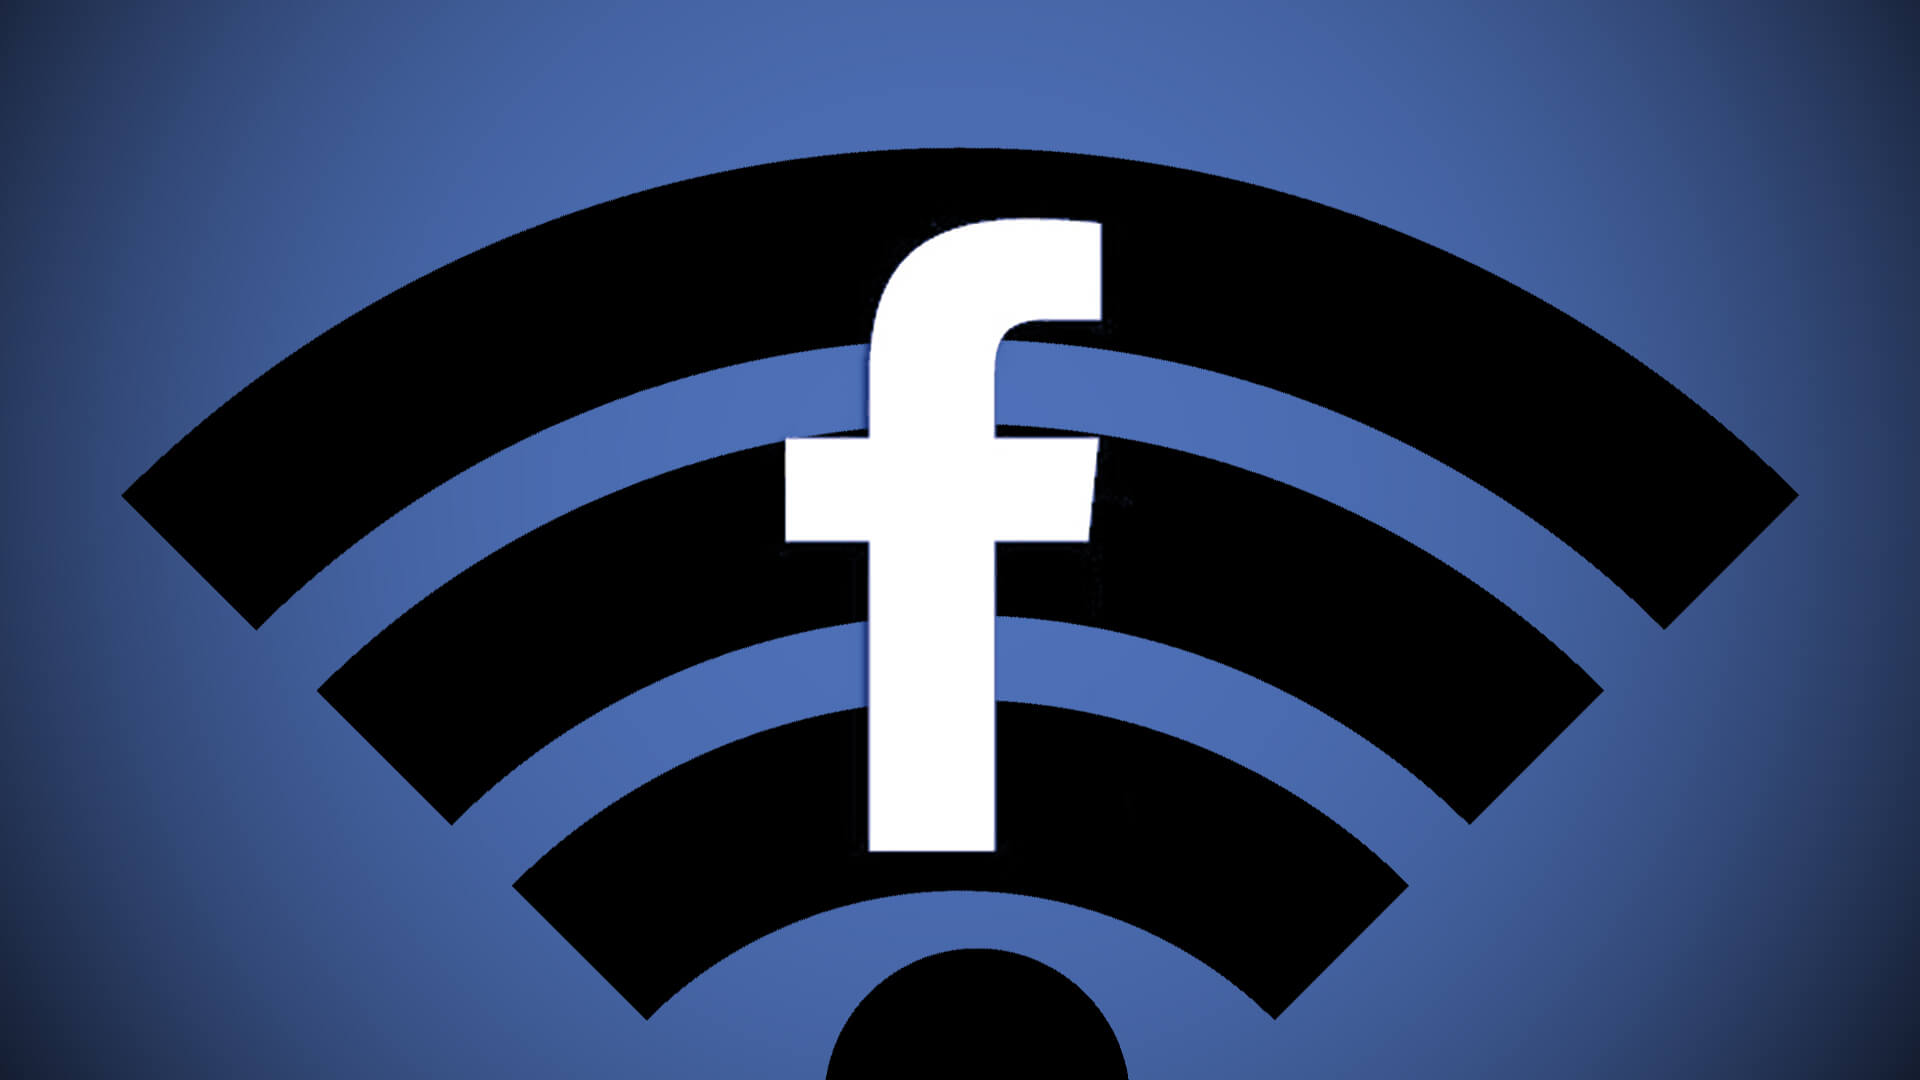 facebook-news-articles-rss2-ss-1920.jpg